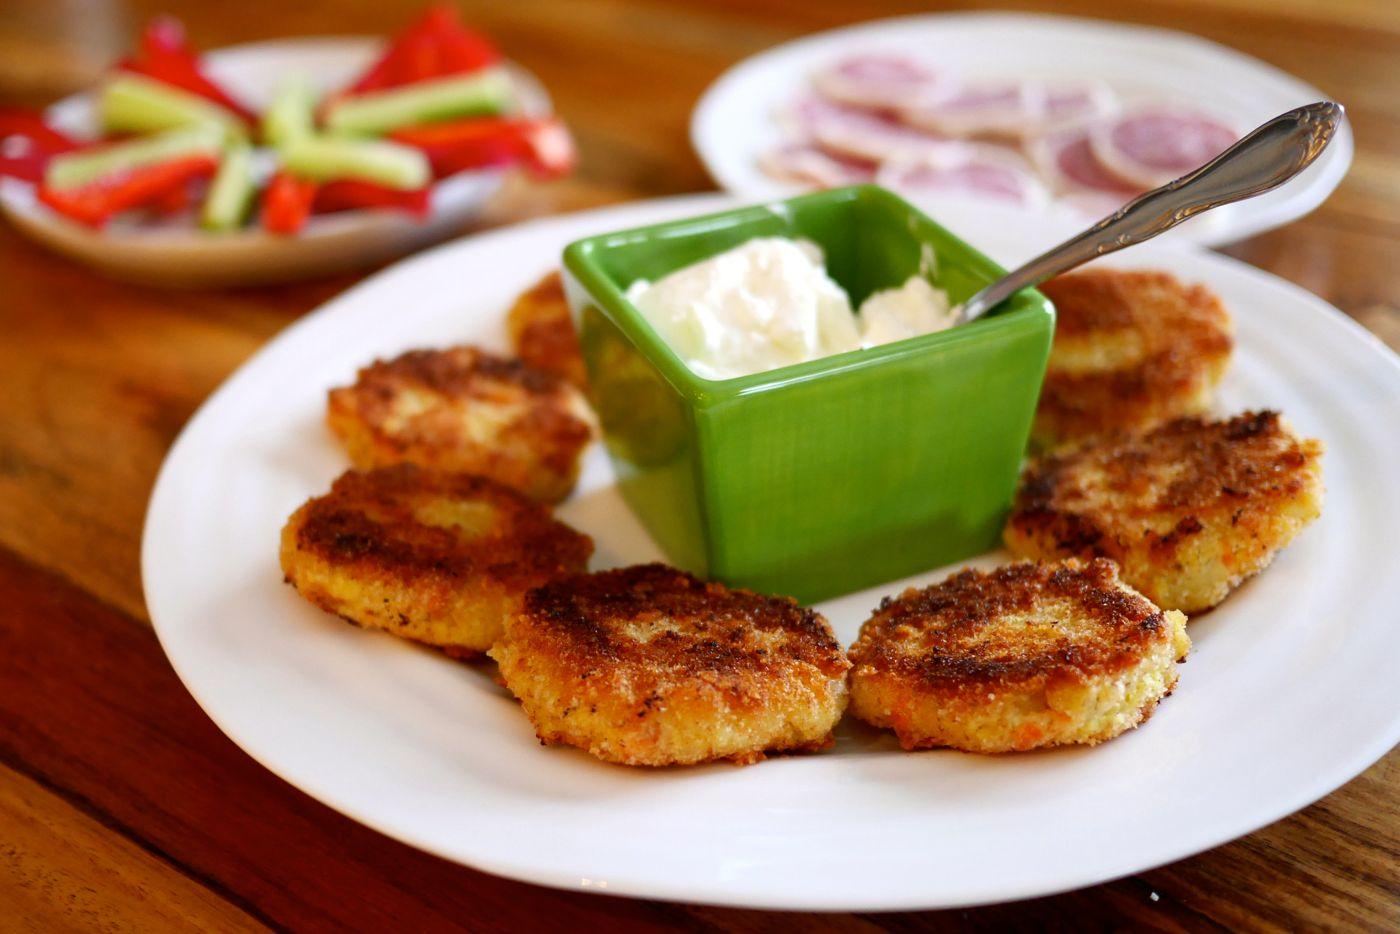 Les croquettes de pommes de terre et de saumon fumé, servies avec crème sure.